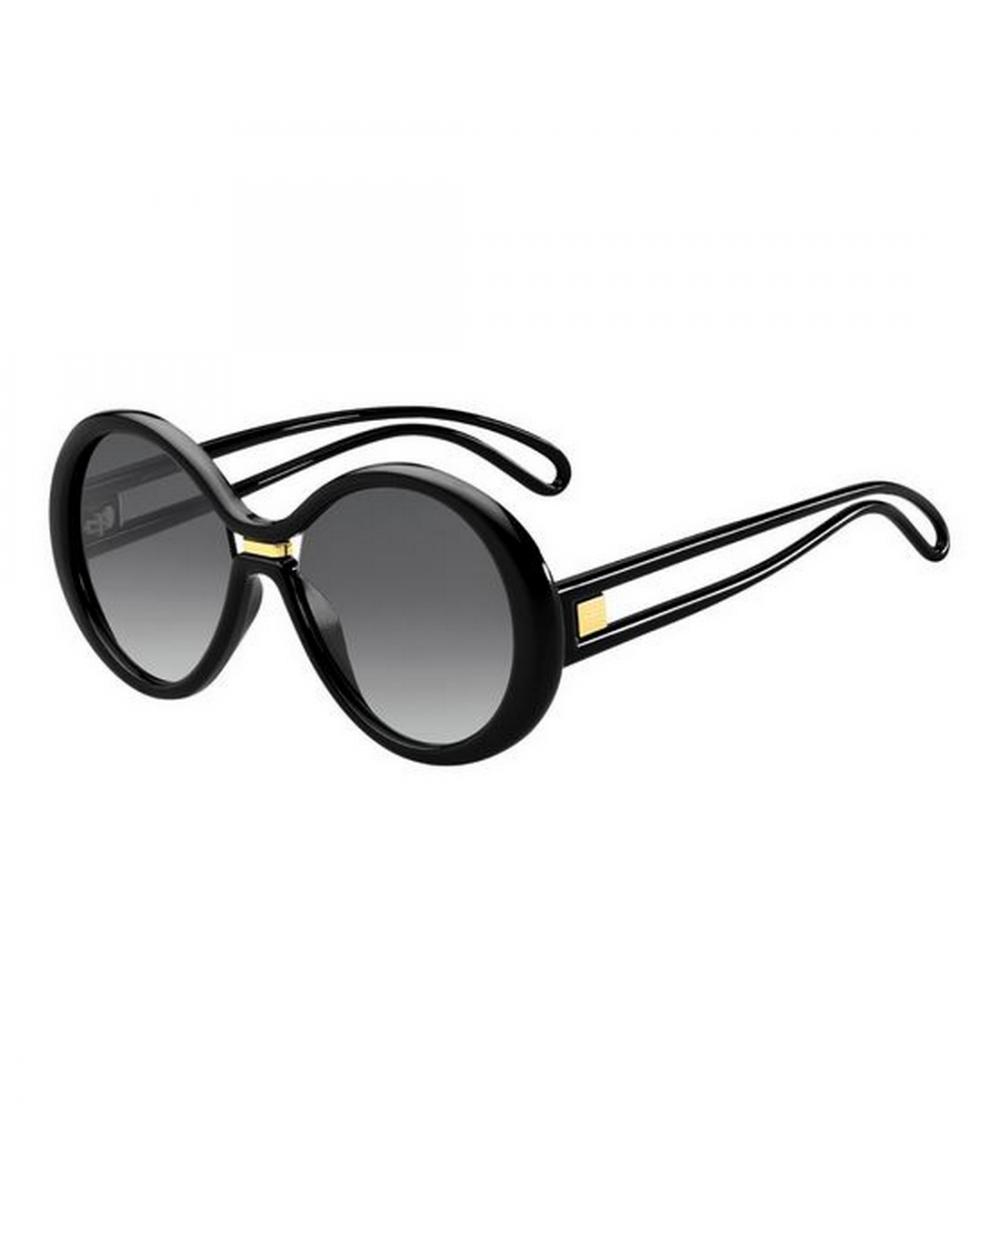 Occhiale da sole Givenchy GV 7105/G/S confezione originale garanzia italia